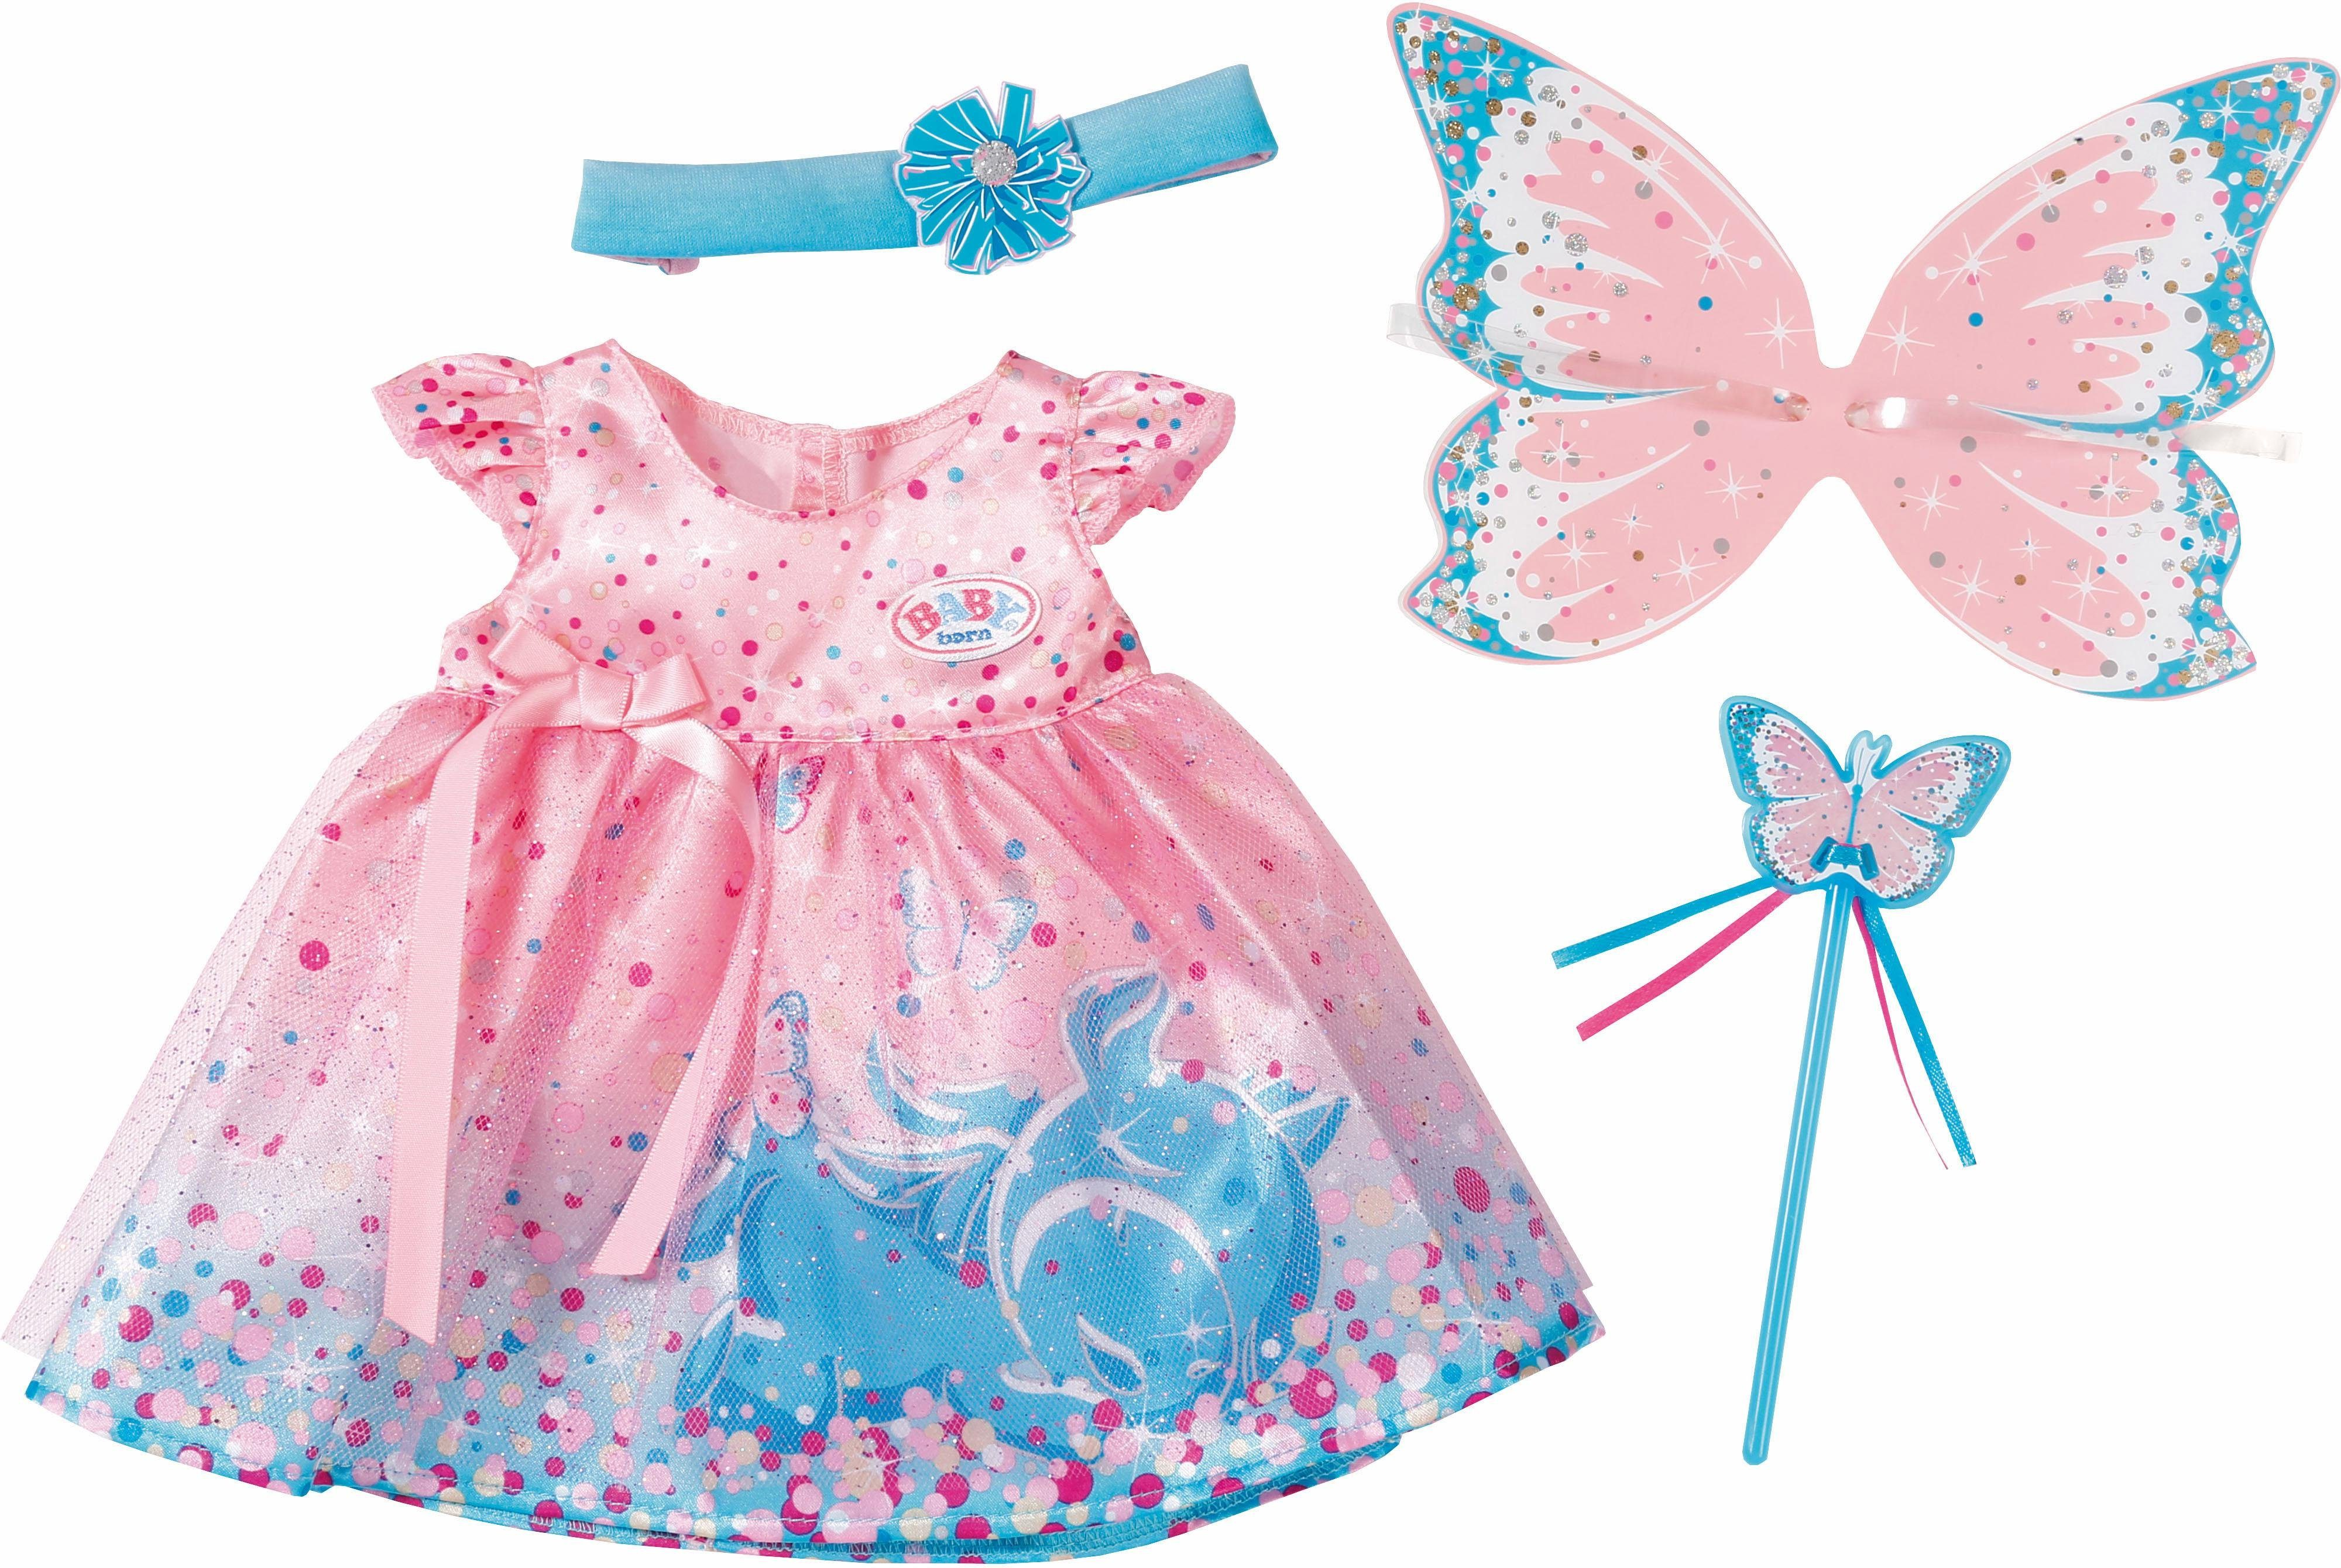 Zapf Creation Puppenbekleidung mit Zubehör, Größe 43 cm, »BABY born® Wonderland Glitzerfee Set«